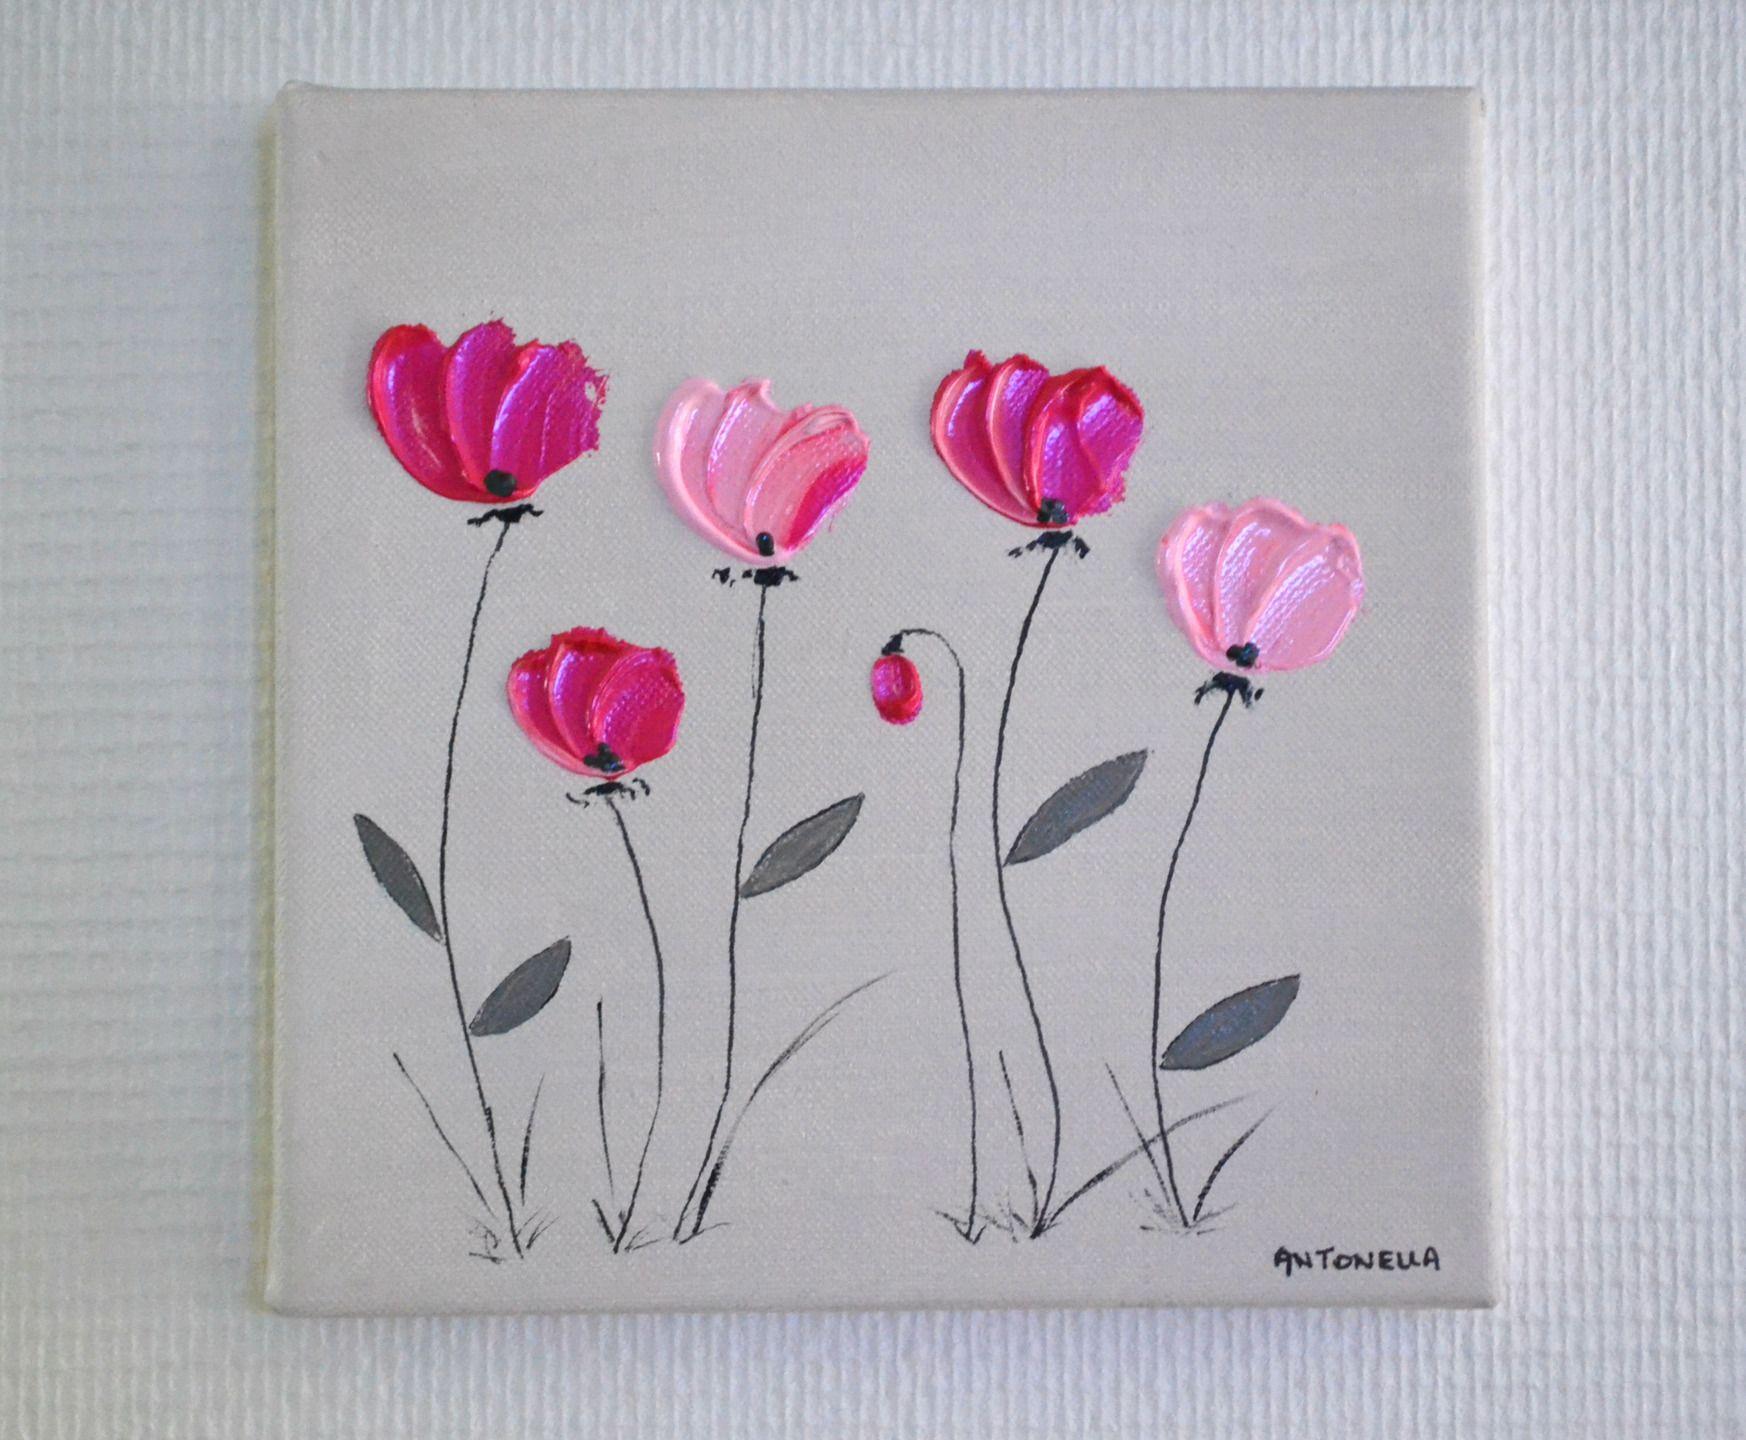 tableau moderne abstrait fleurs roses petit tableau d co romantique fleurs format 20x20. Black Bedroom Furniture Sets. Home Design Ideas